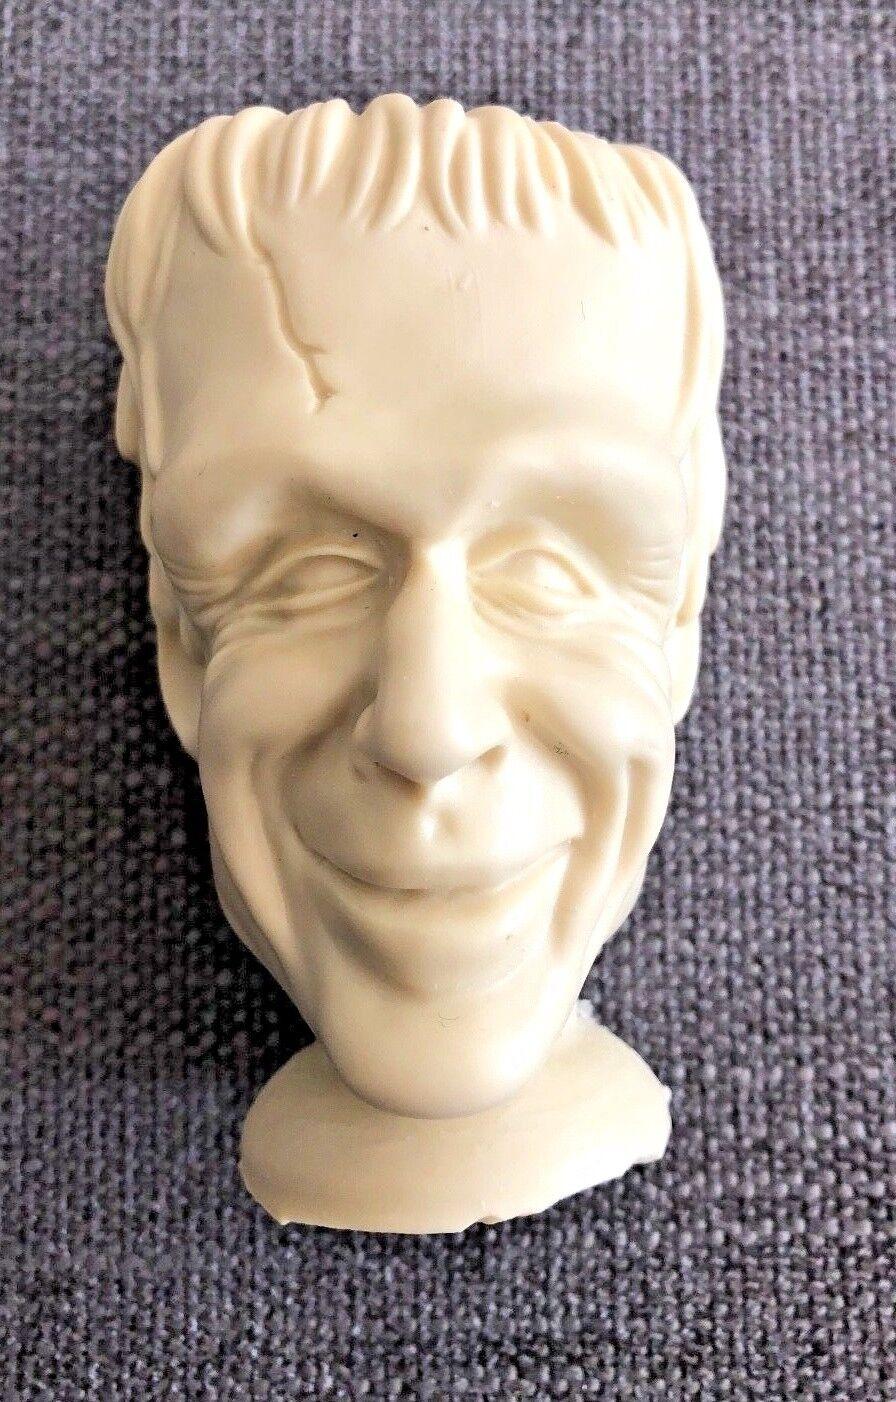 Herman munster formwandler knauf solide jimmy flintstone kunstharz gegossen, kayro vue.